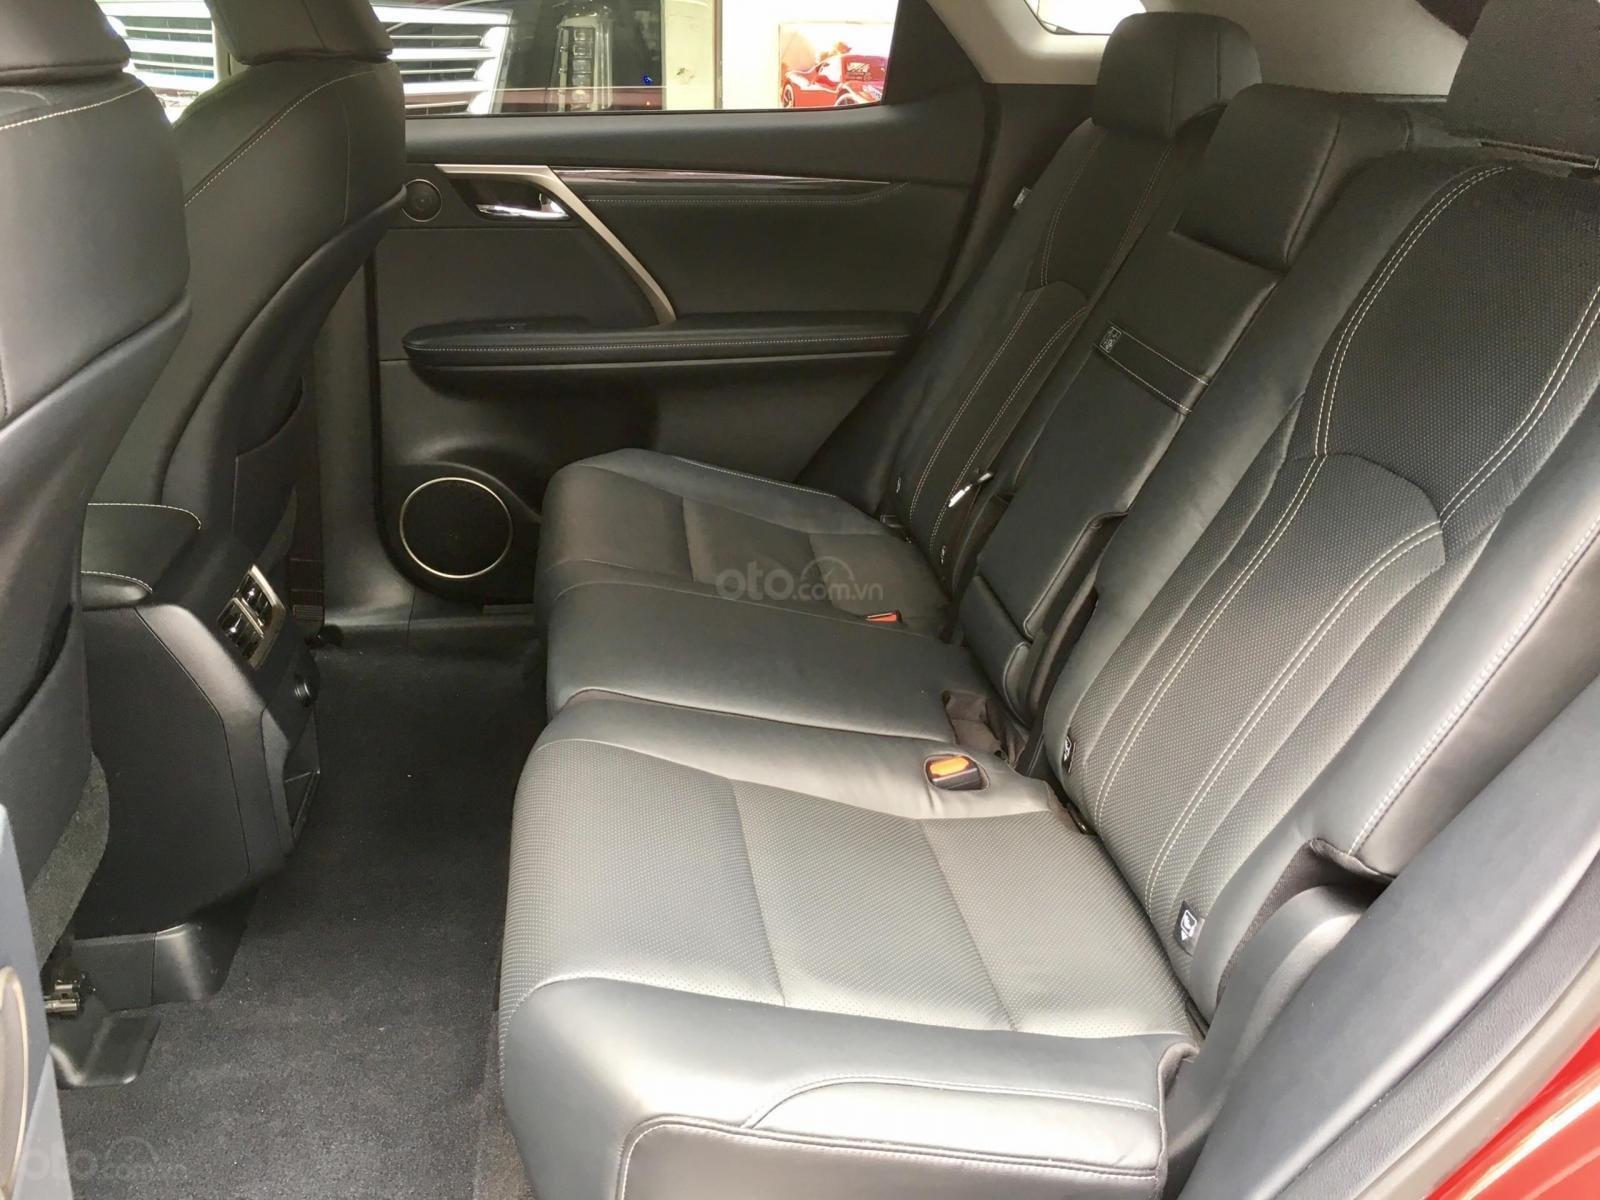 MT Auto bán xe Lexus RX 200t sx 2016, màu đỏ mới 100% giá cực rẻ, hỗ trợ 2 tỷ, LH em Hương 0945392468-22